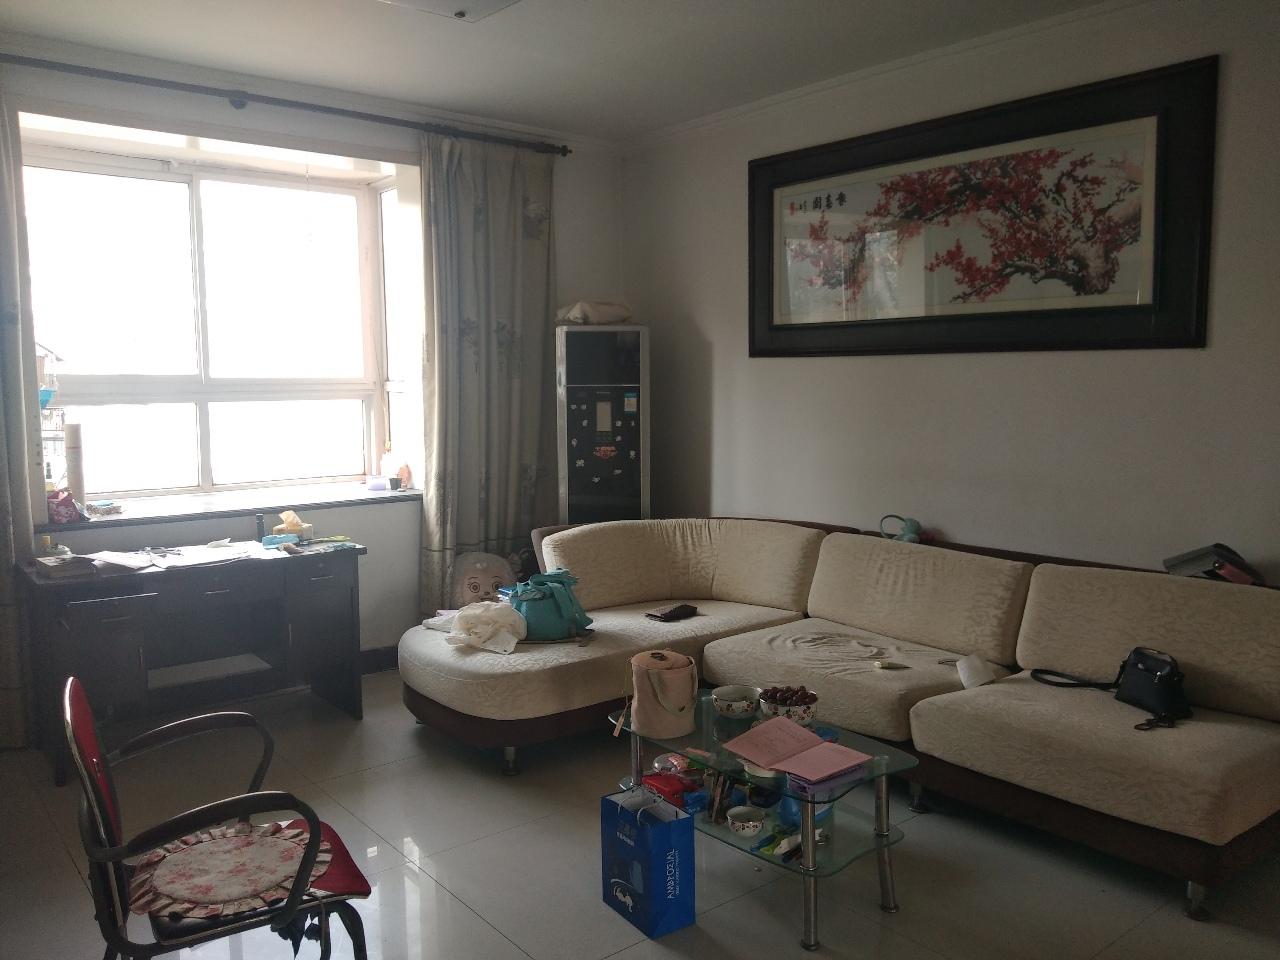 红梅小区4楼西边户精装房 三卧朝阳户型方正